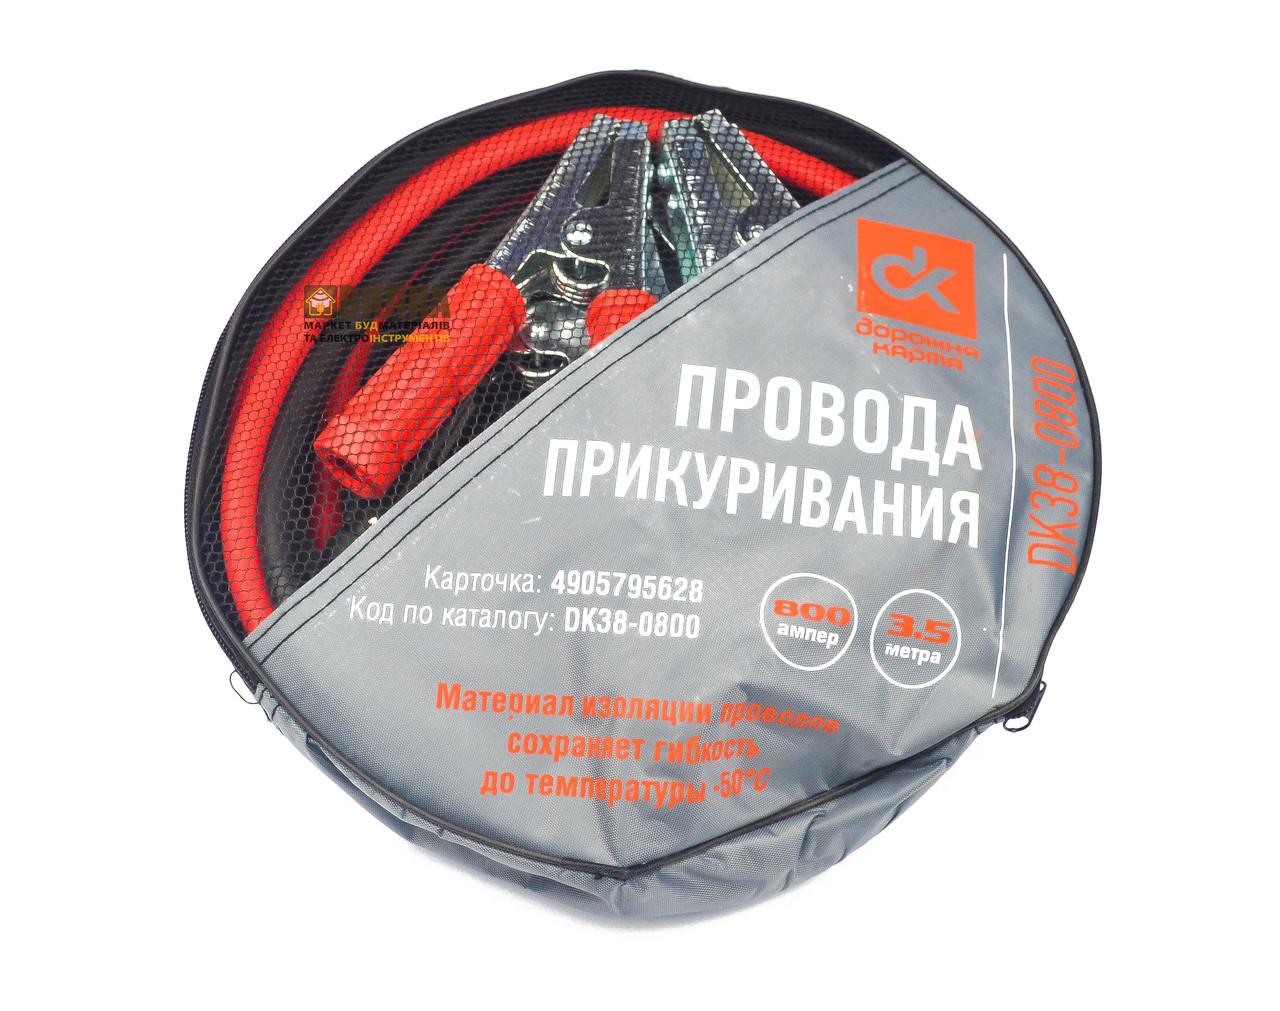 Провод прикуривания 800А, Дорожная Карта DK38-0800